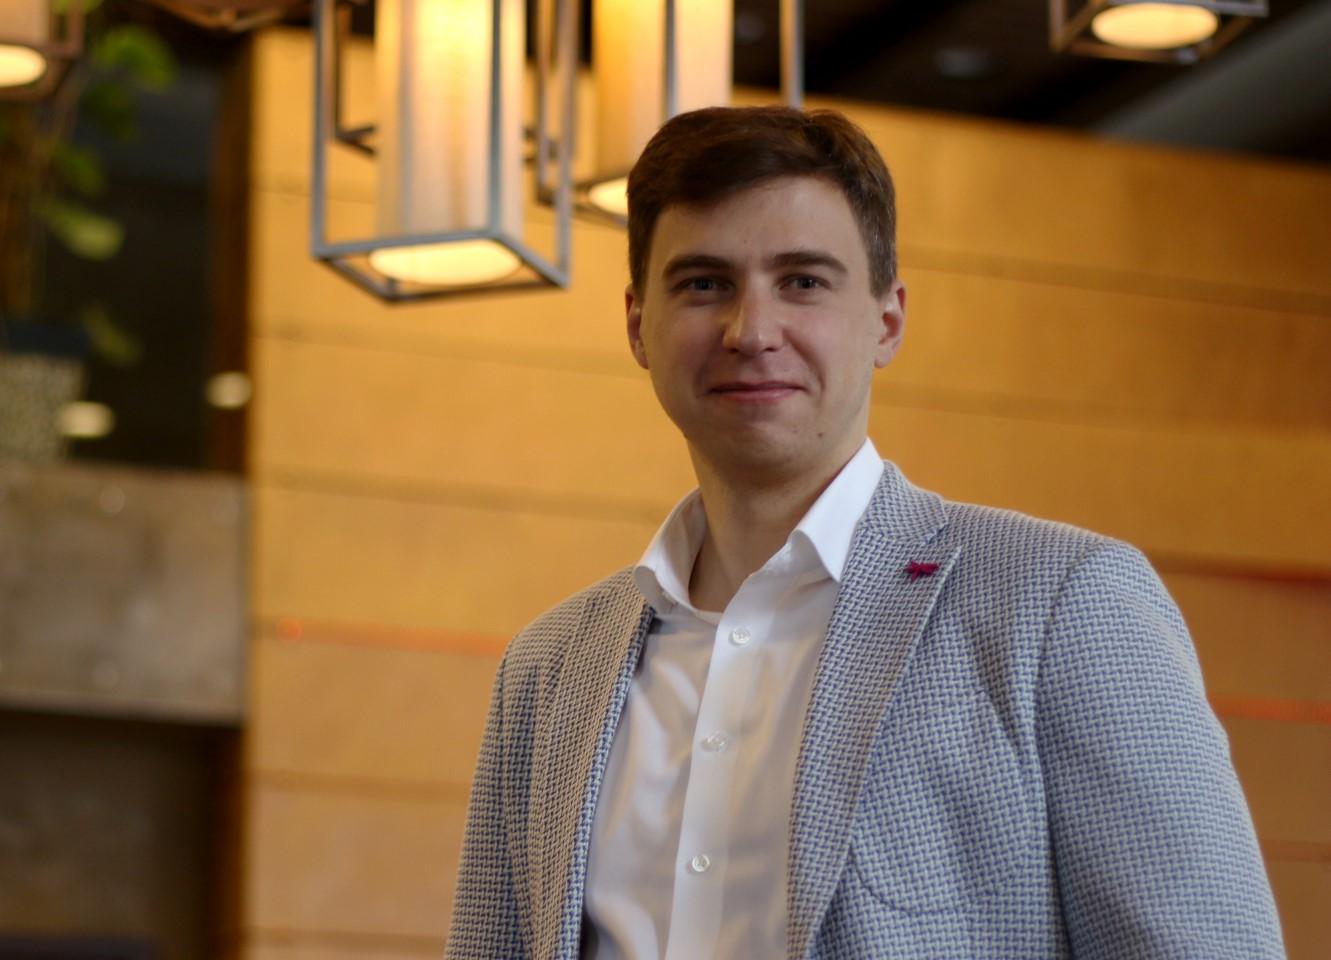 Евгений Белоусов: На армянском рынке есть много лидеров, но они нас не волнуют, а мотивируют стать лучше 1